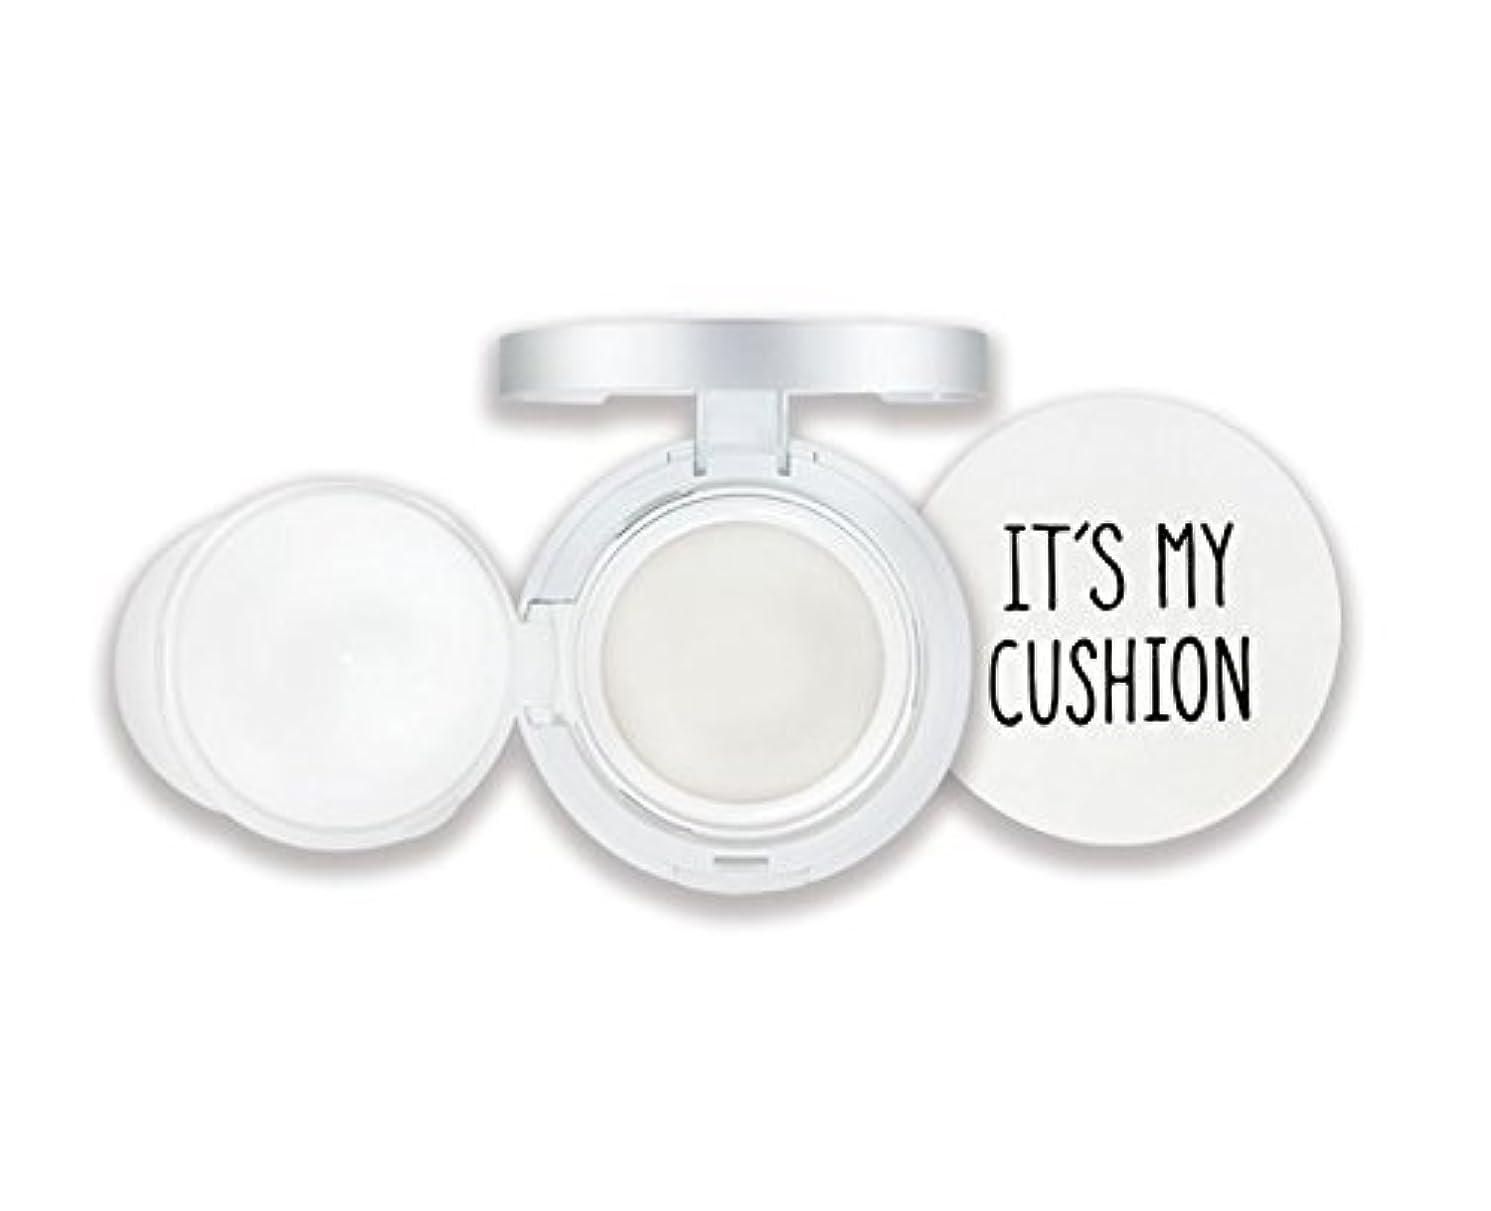 Its My Cushion ケース DIY BB クッションパクト コスメティックケース スポンジ付き、 内部ケース、 自分で作るコスメティックケース (クッションケー スカラー : White Case) [並行輸入品]